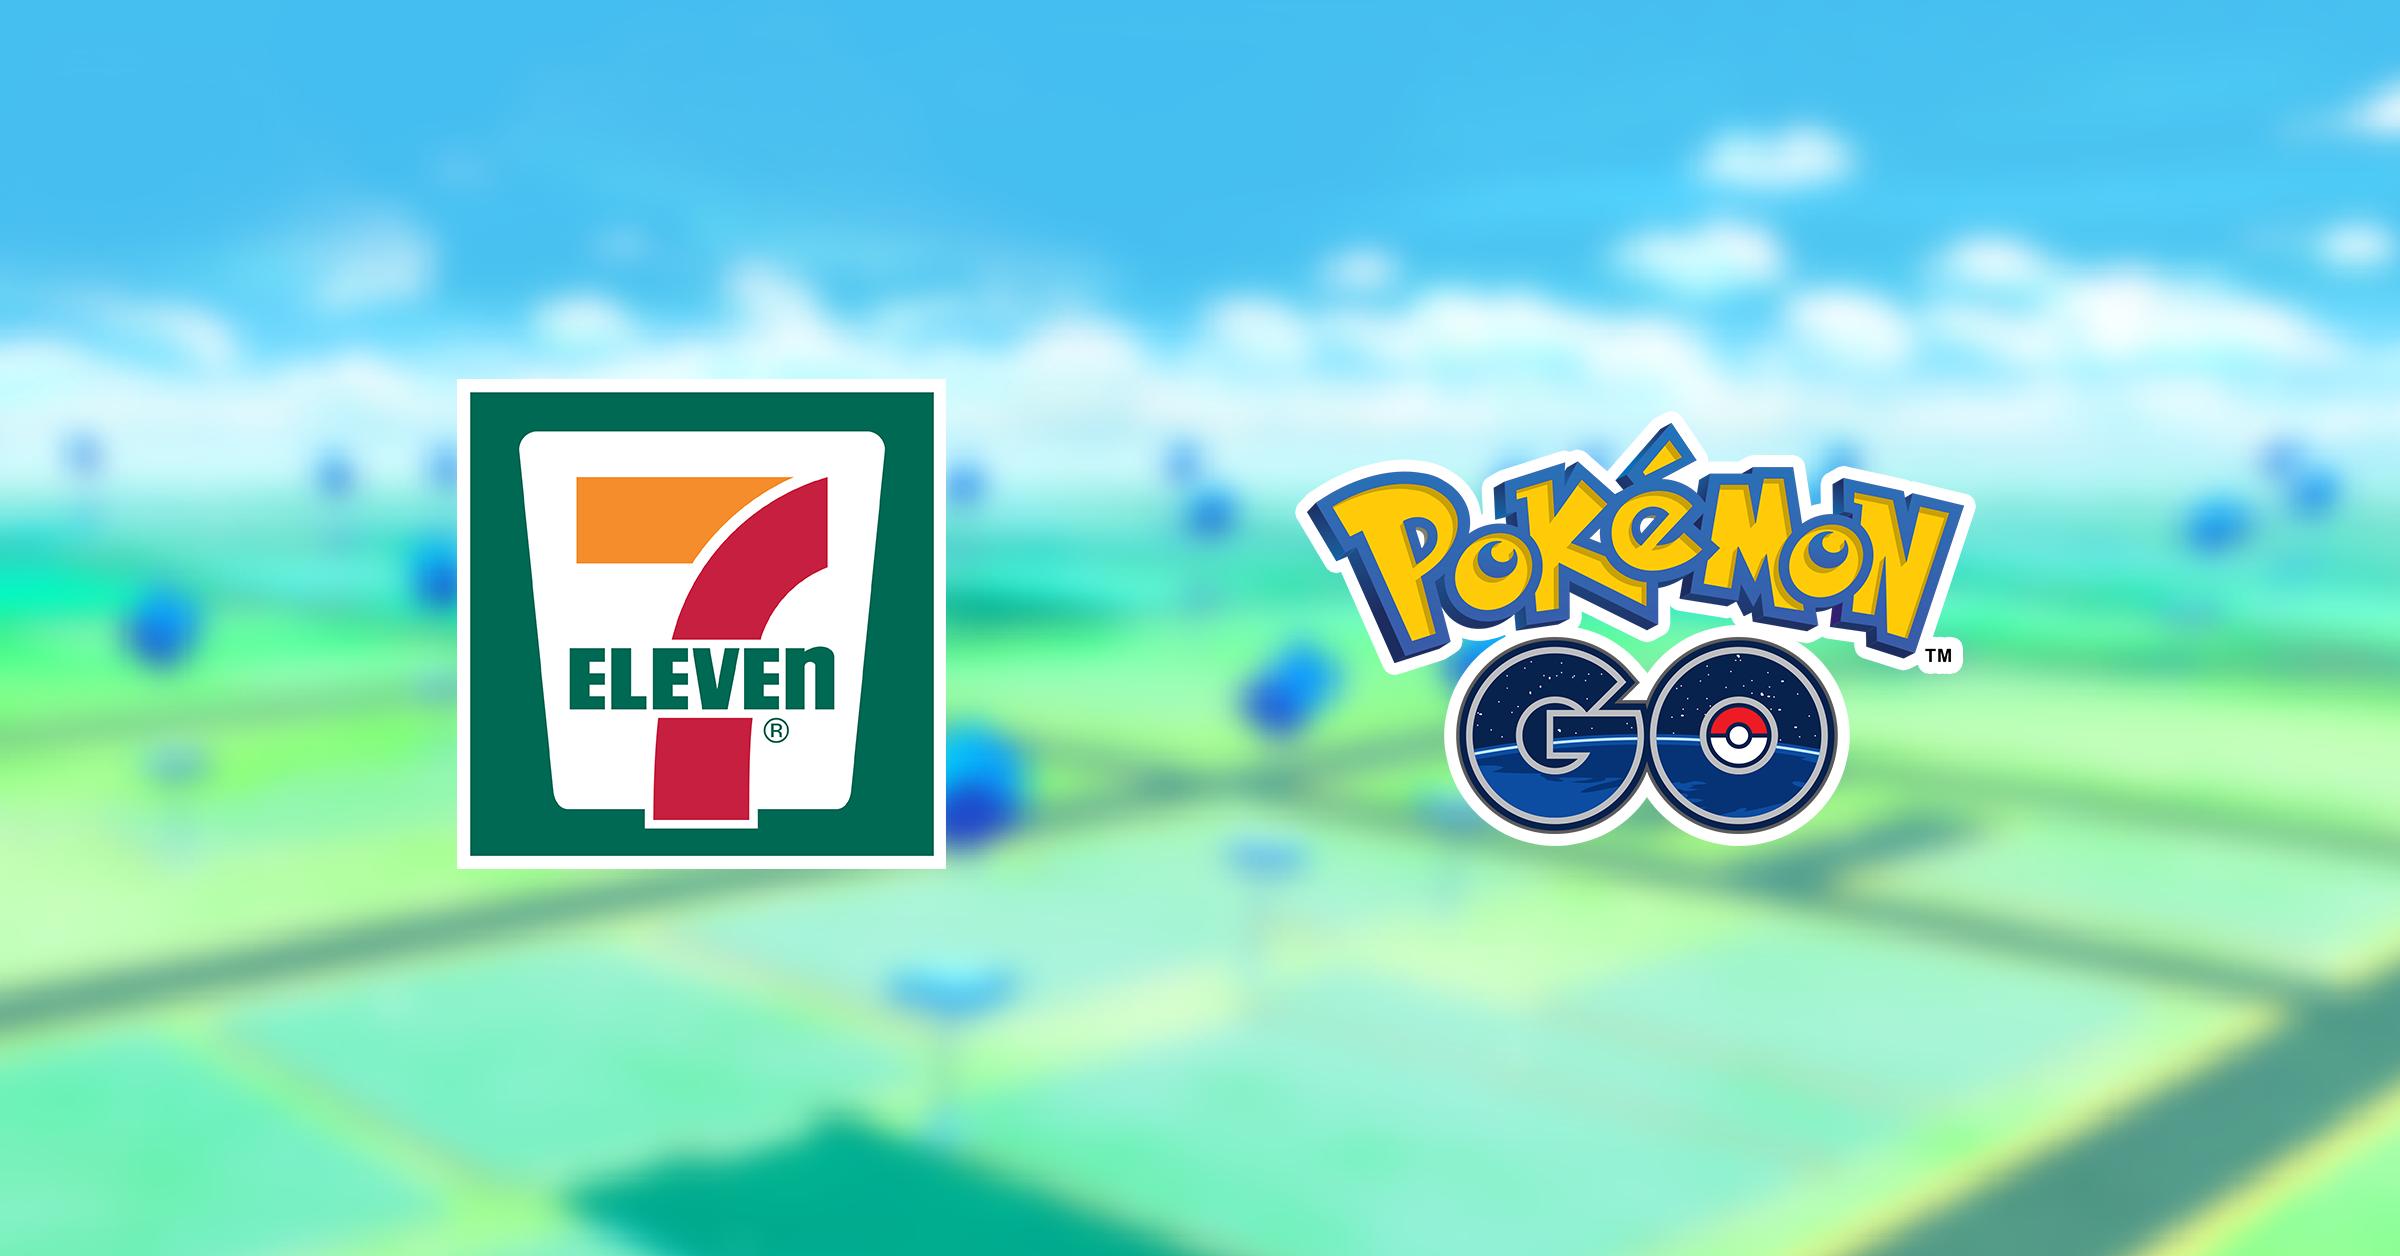 Pokémon GO 7-Eleven